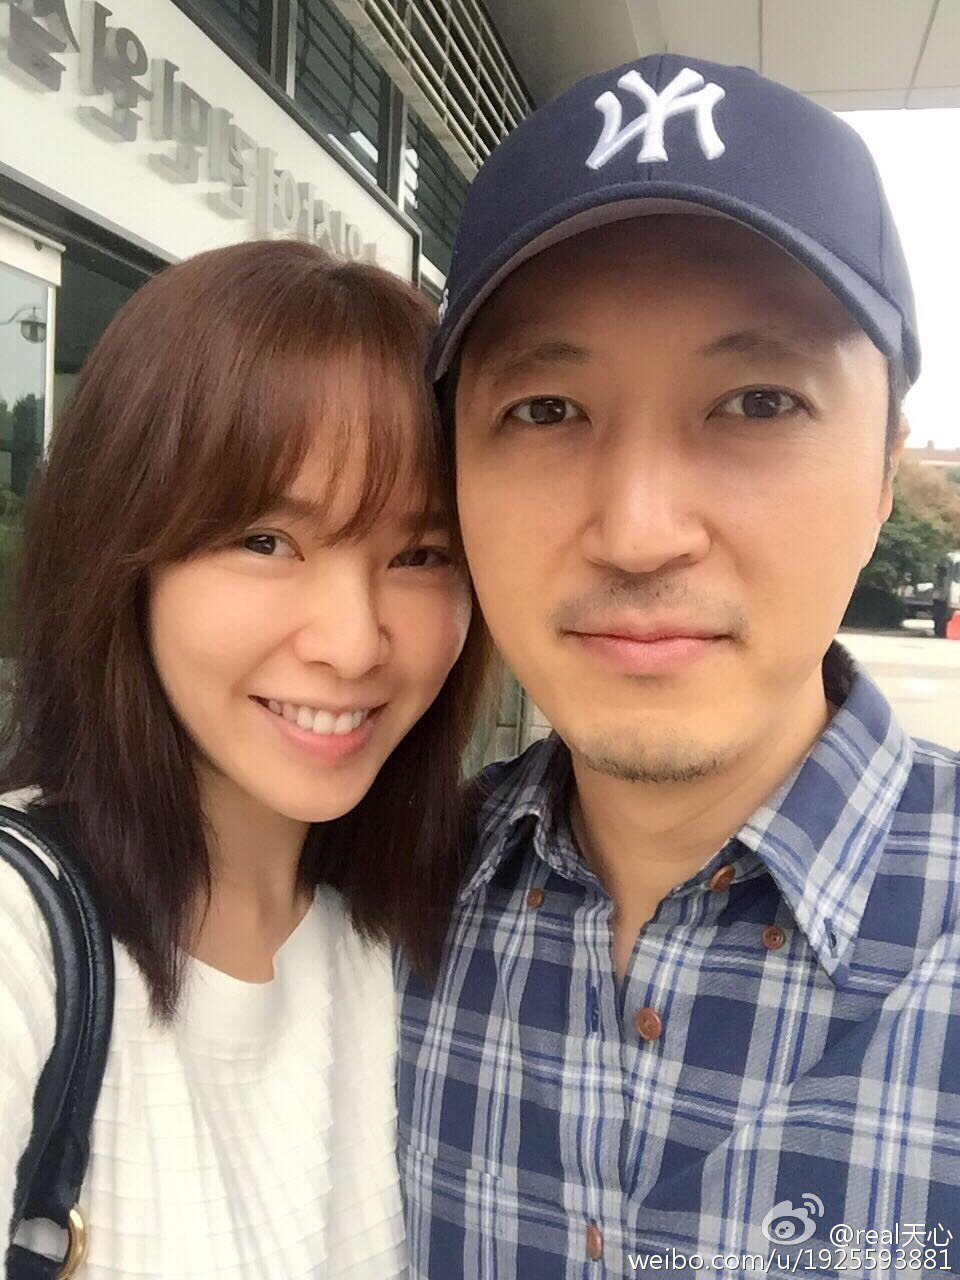 天心2016年10月?韩籍摄影师老公金荣??记结婚。图/摘自天心微博